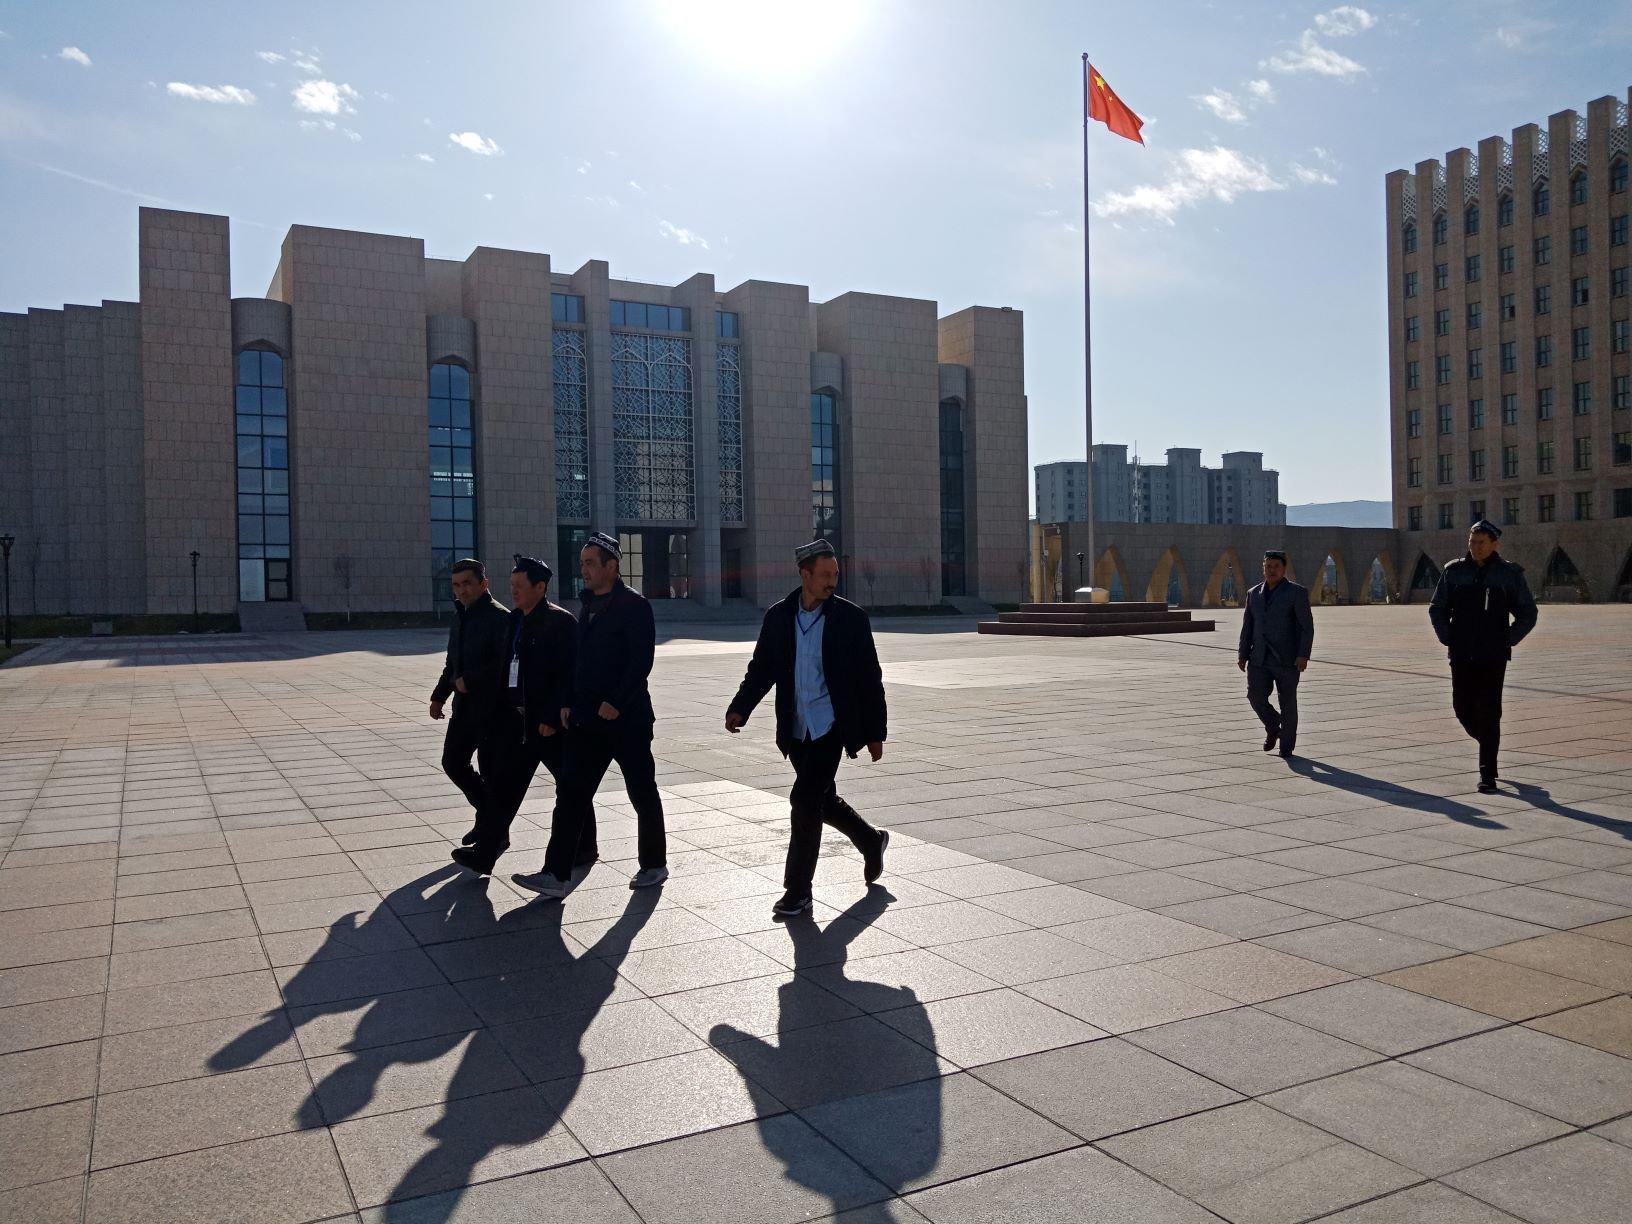 Tiongkok, Muslim Uighur, terorisme di Xinjiang, kamp penahanan Muslim Uighur, Xinjiang Islamic Institute, Xi Jinping